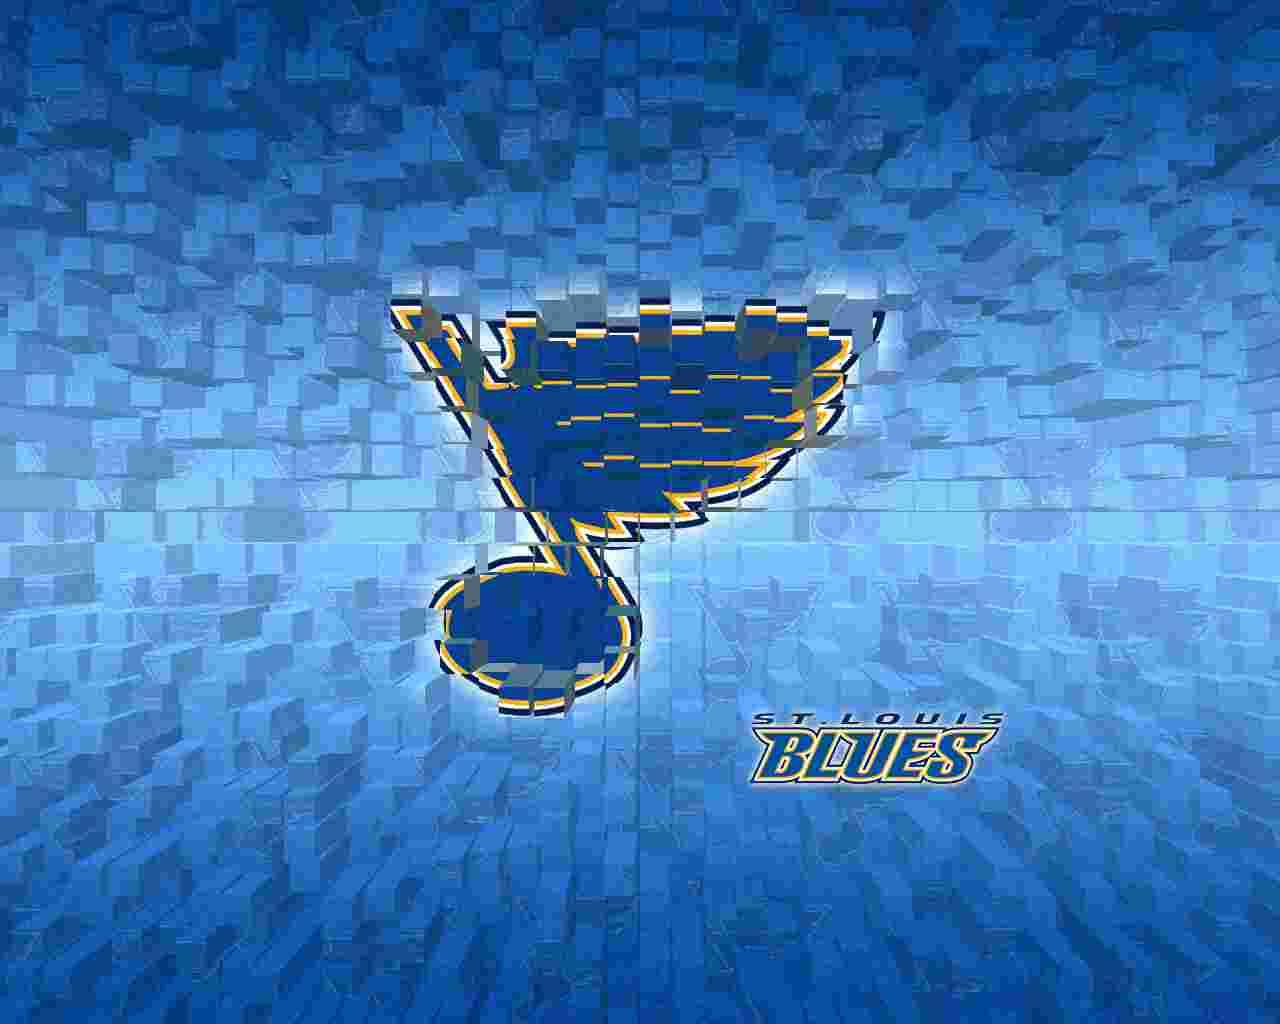 blues logo wallpaper st louis blues hd st louis blues logos st louis 1280x1024